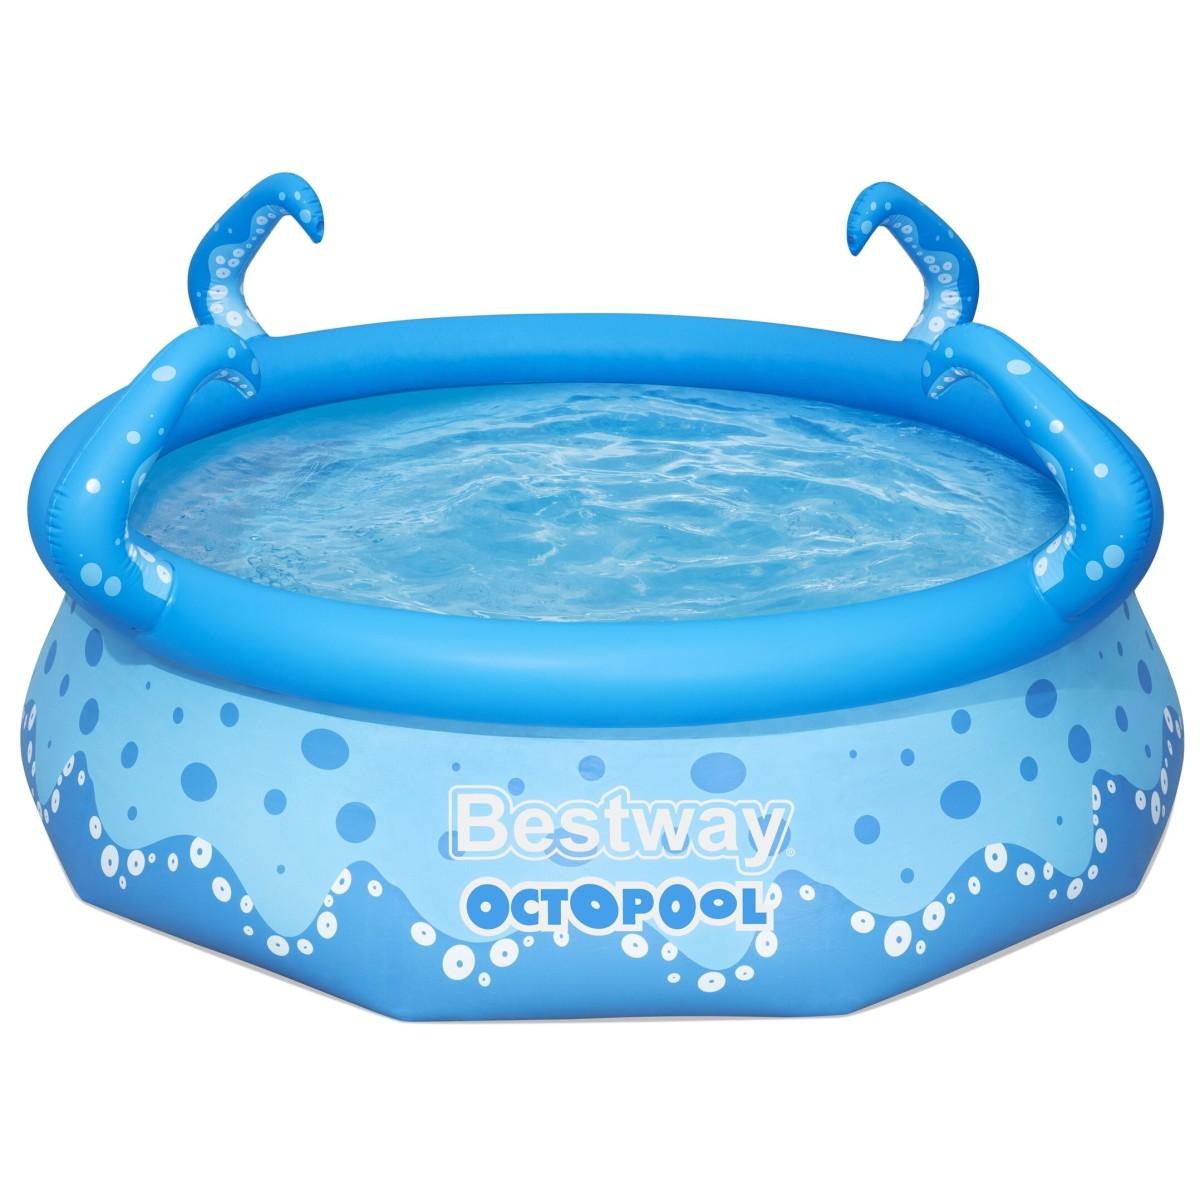 Бассейн надувной круглый детский Bestway Octopool 274x274x76 см 3153 л